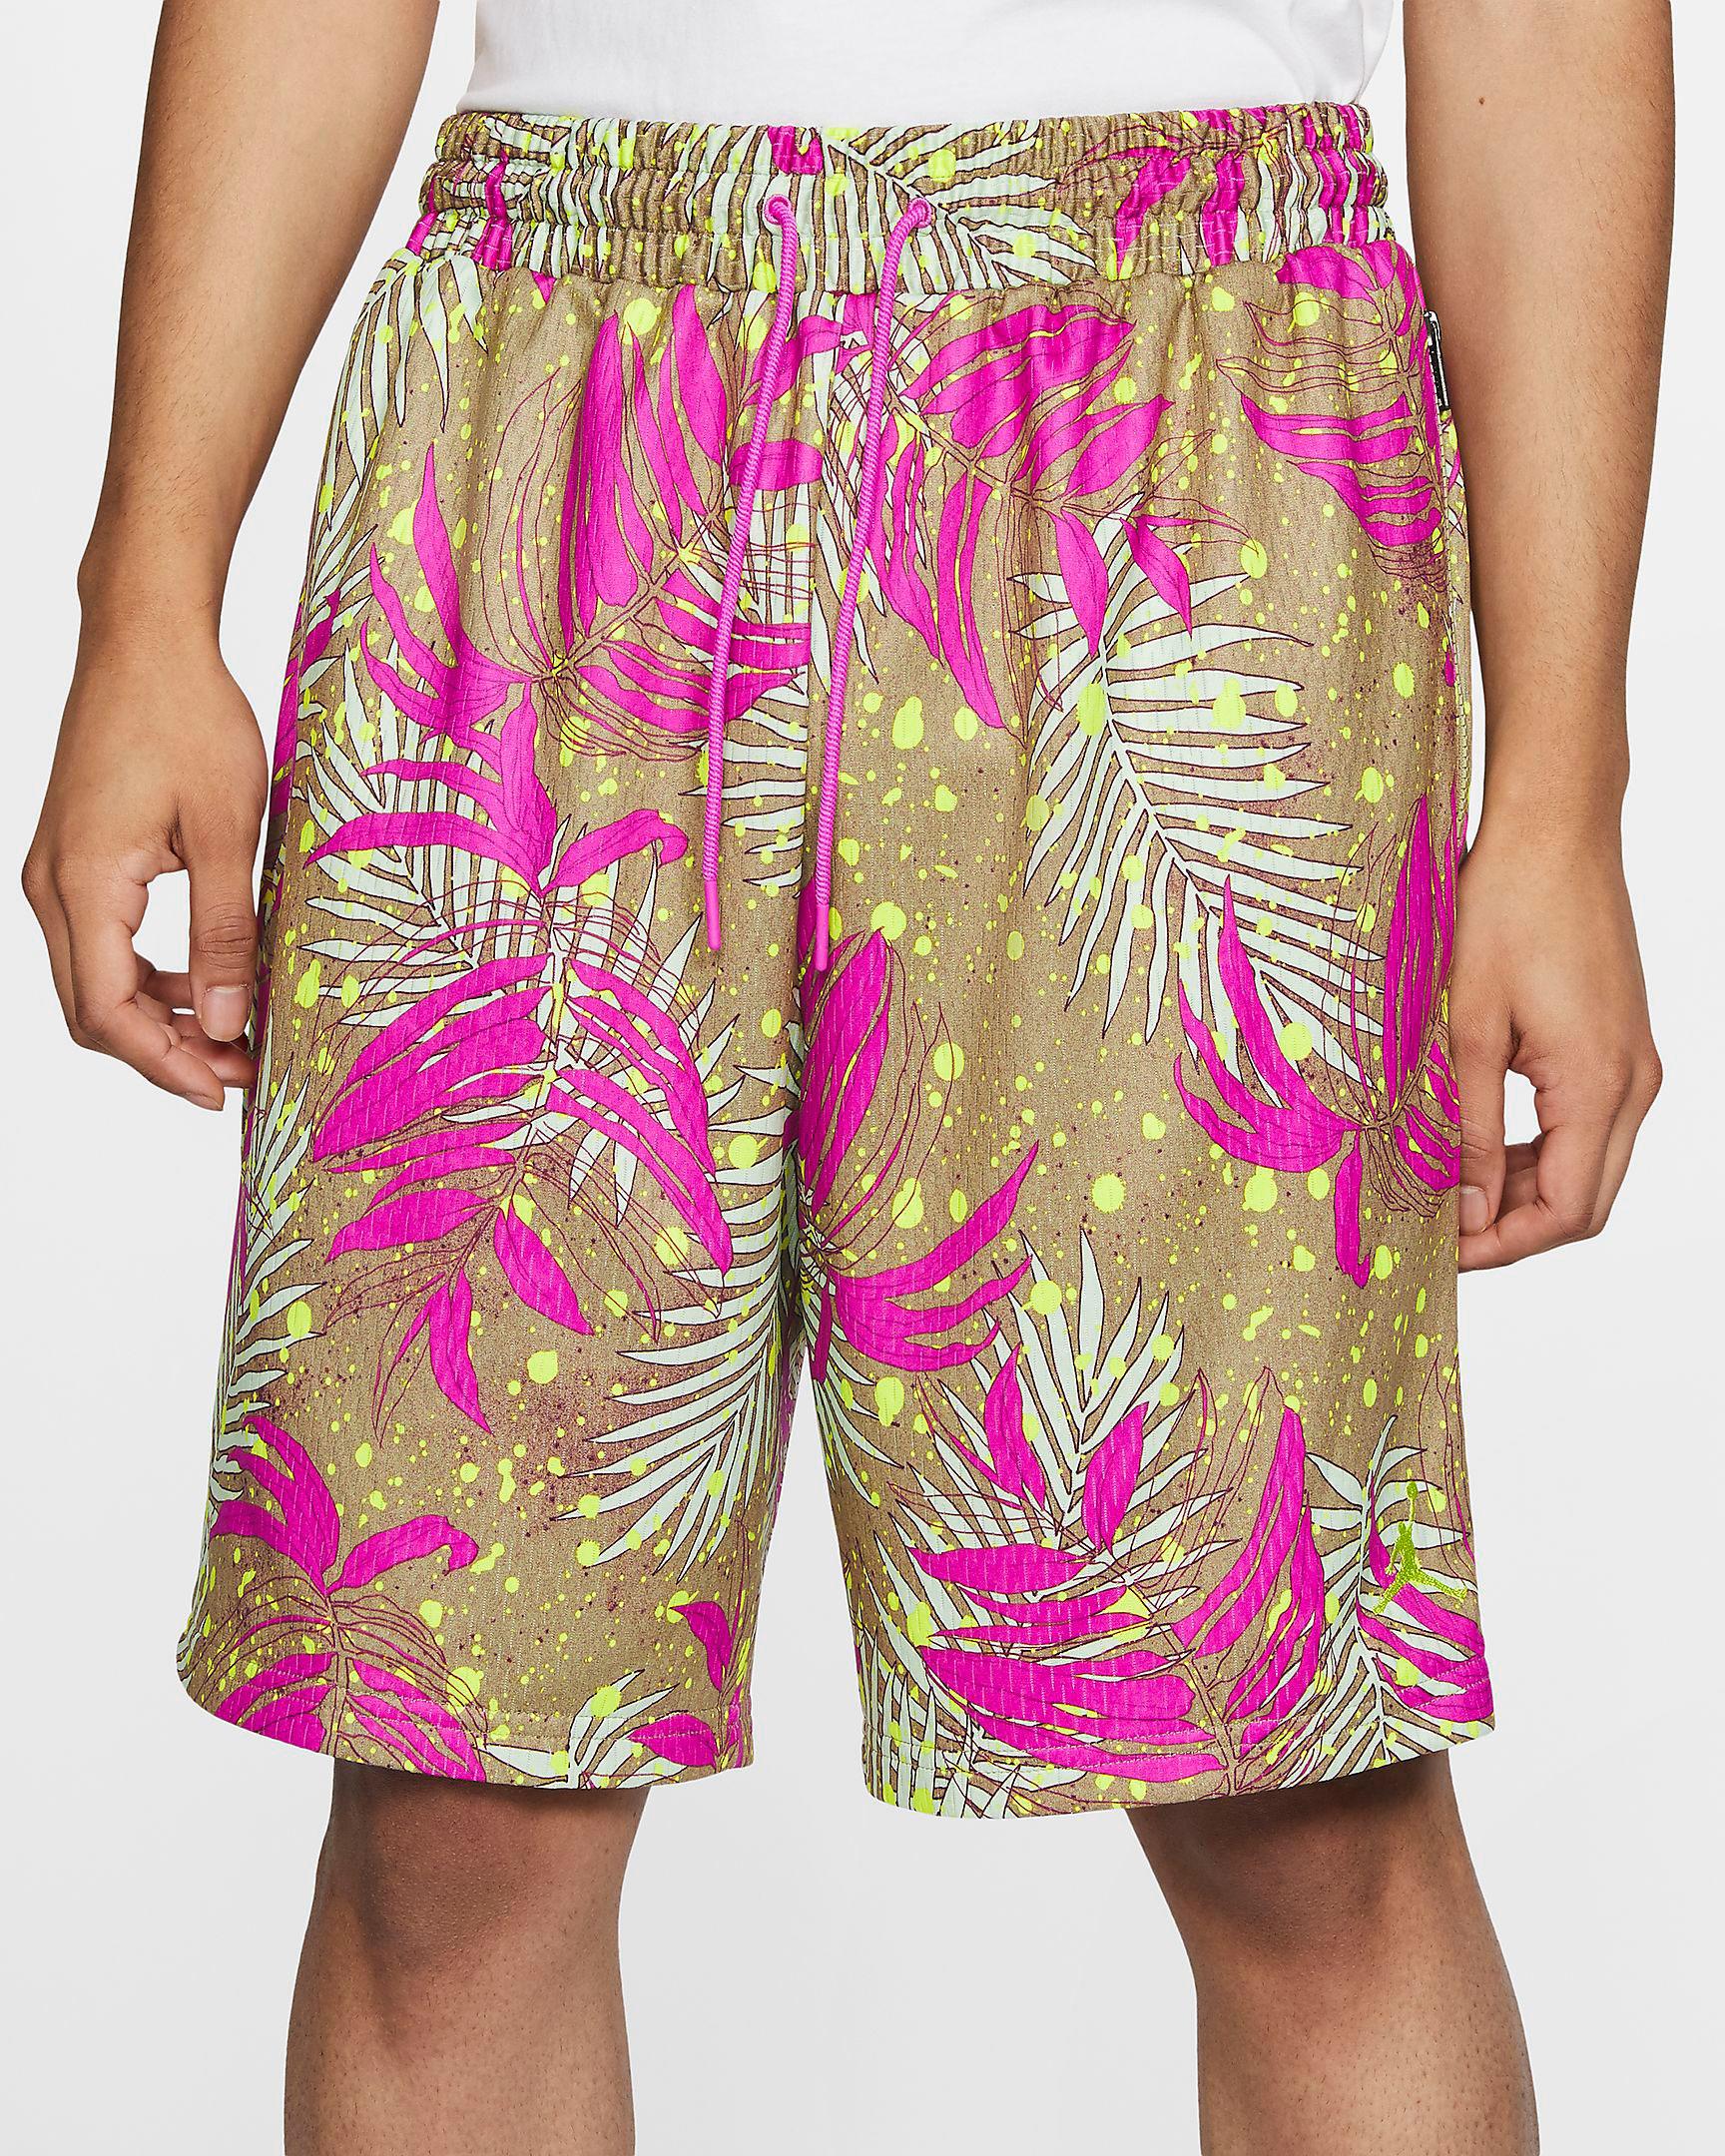 jordan-5-bel-air-alternate-matching-shorts